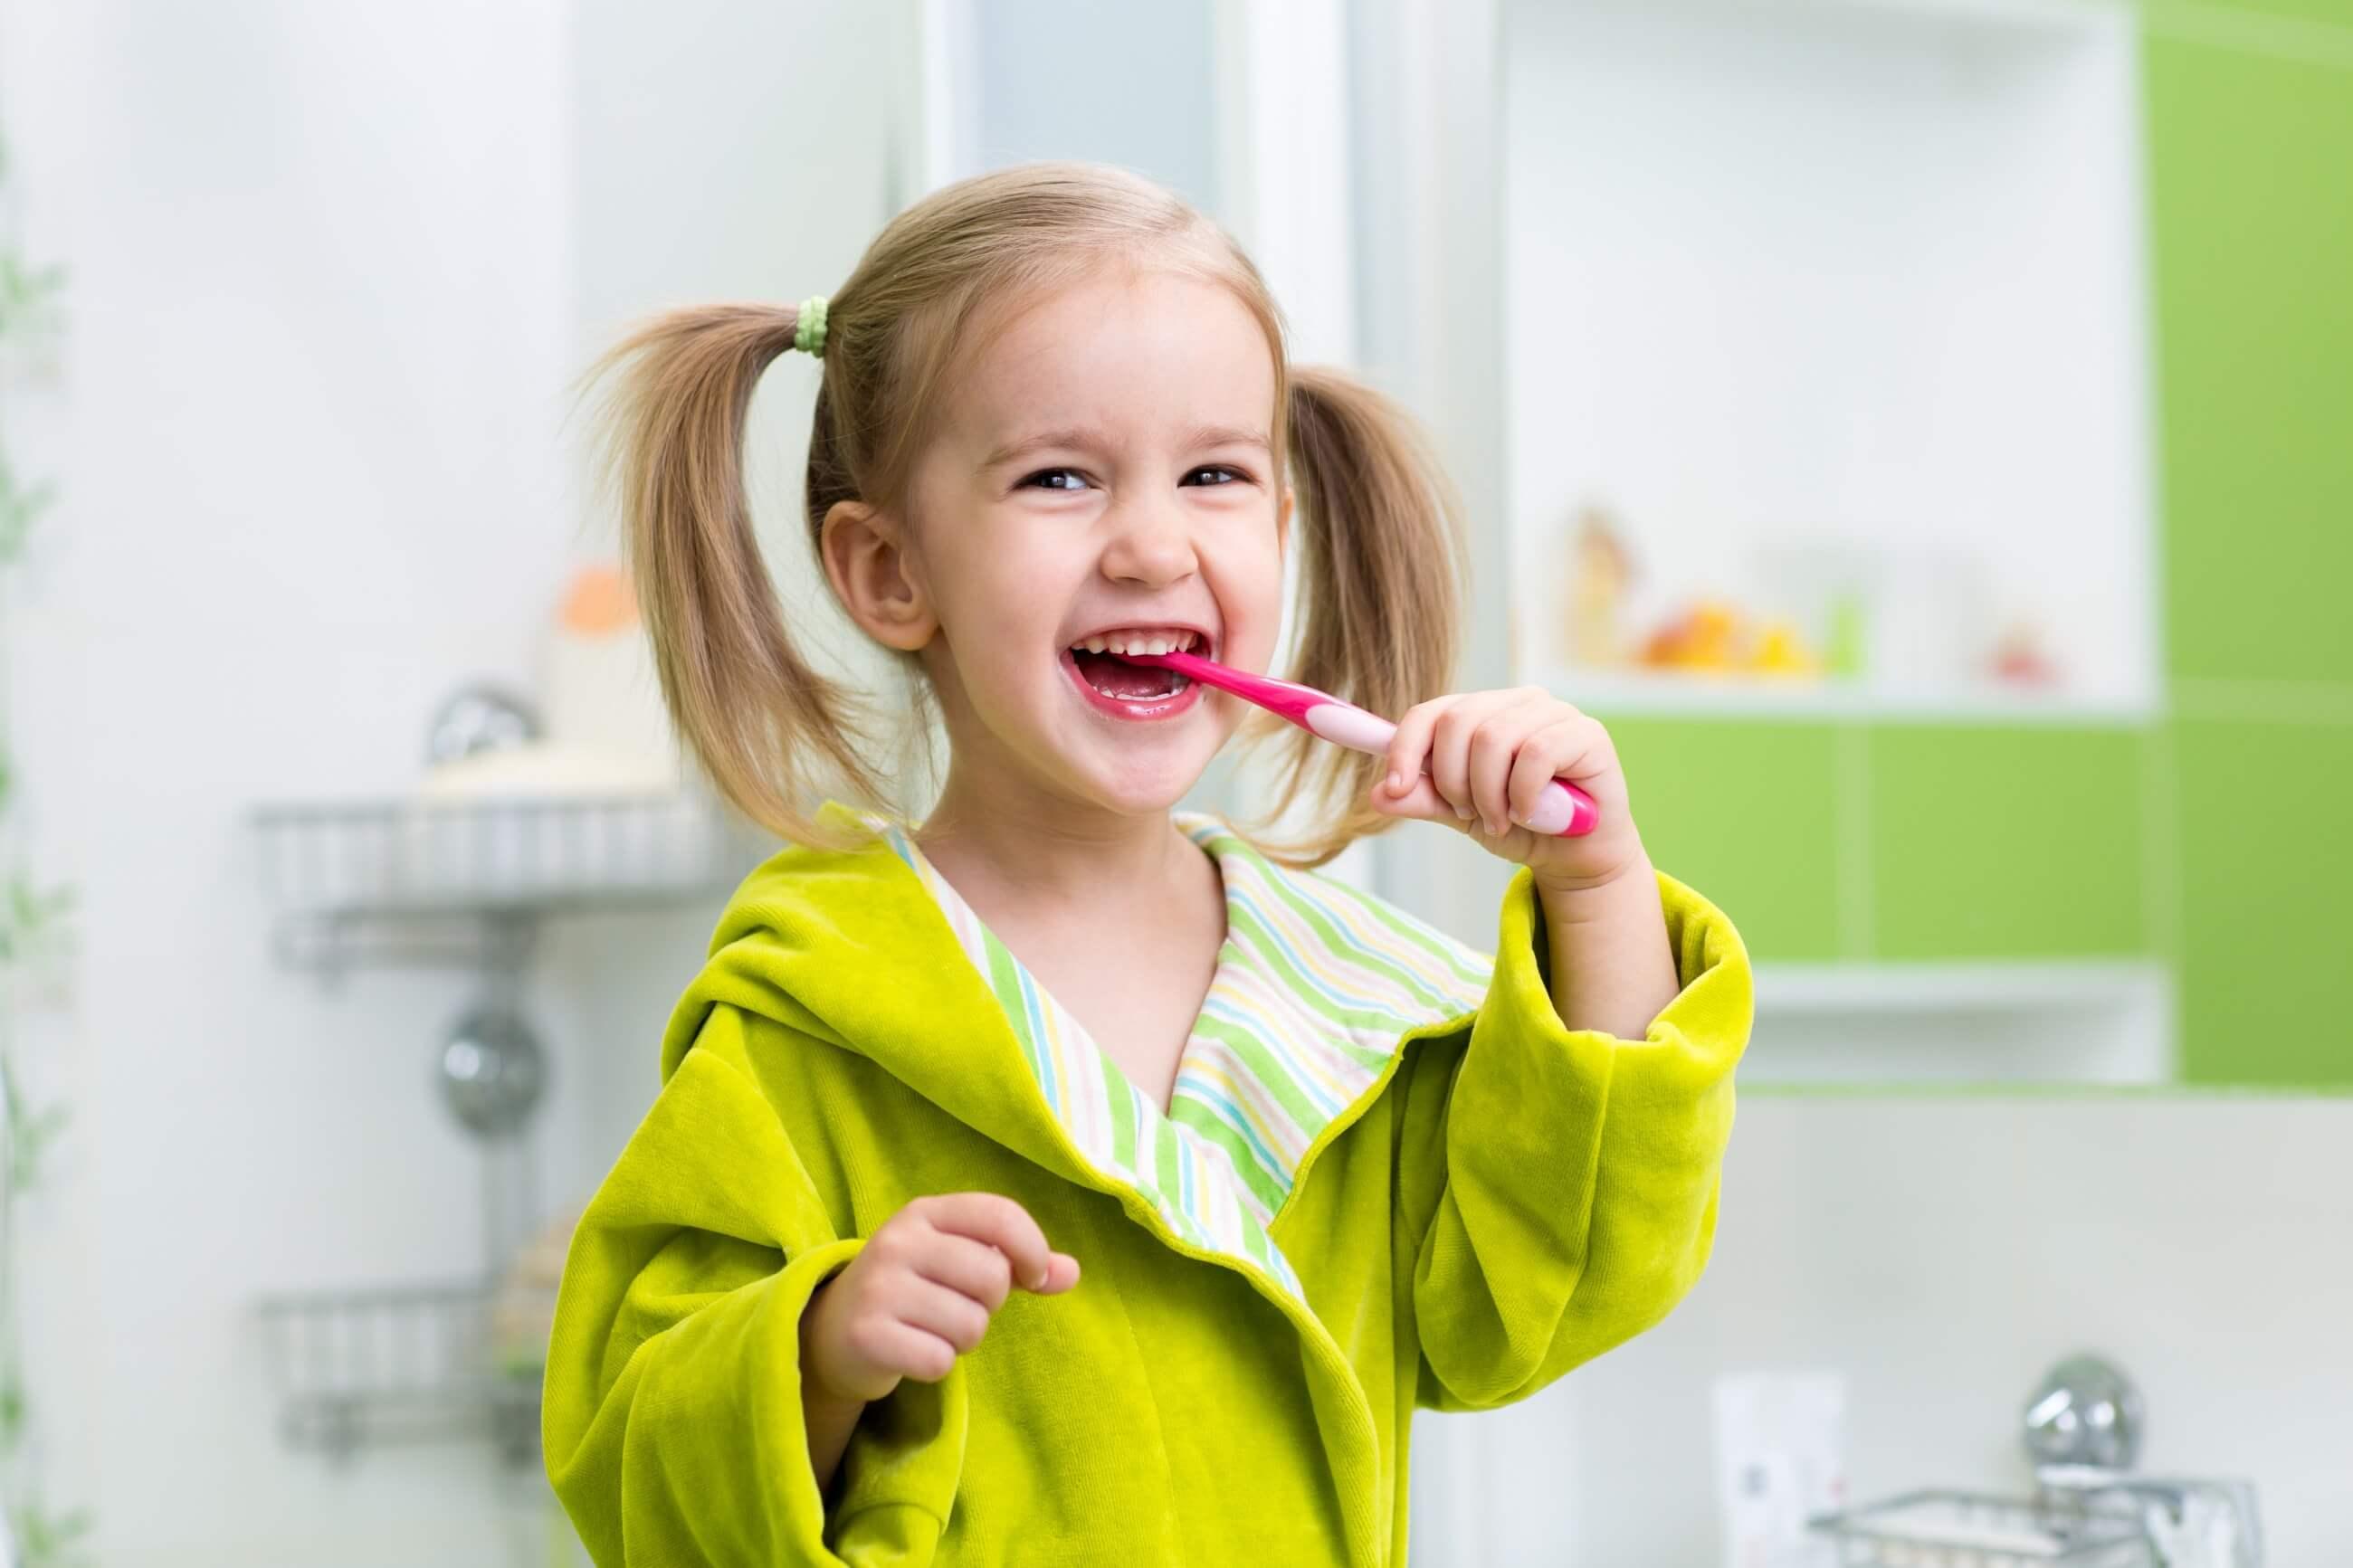 Szczoteczki elektryczne, soniczne i manualne, czyli rodzaje szczoteczek do zębów